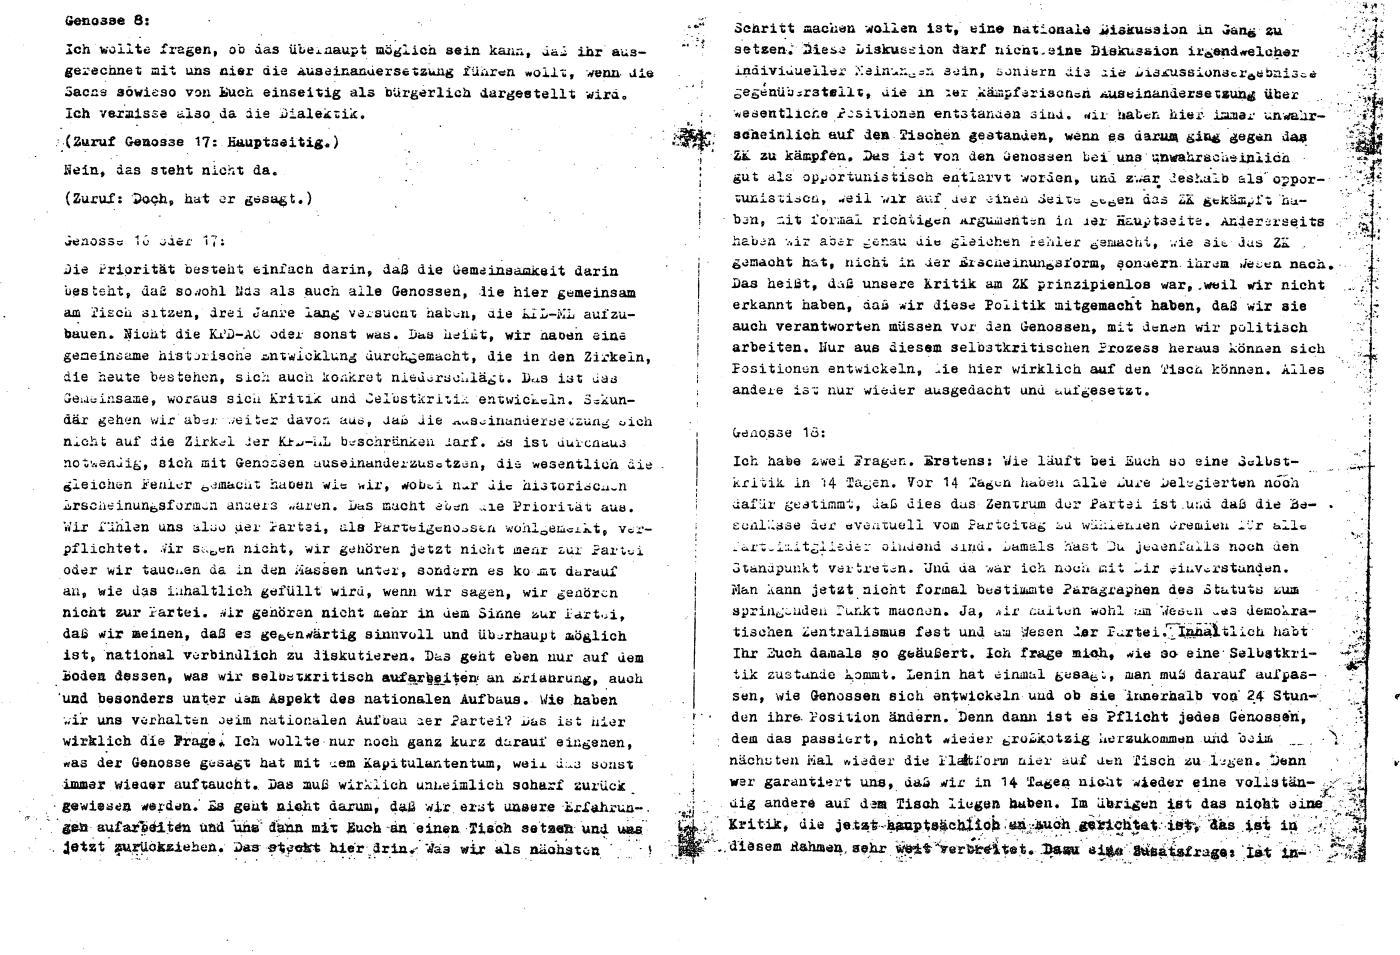 KPDML_1971_Wortprotokolle_aoPt_005